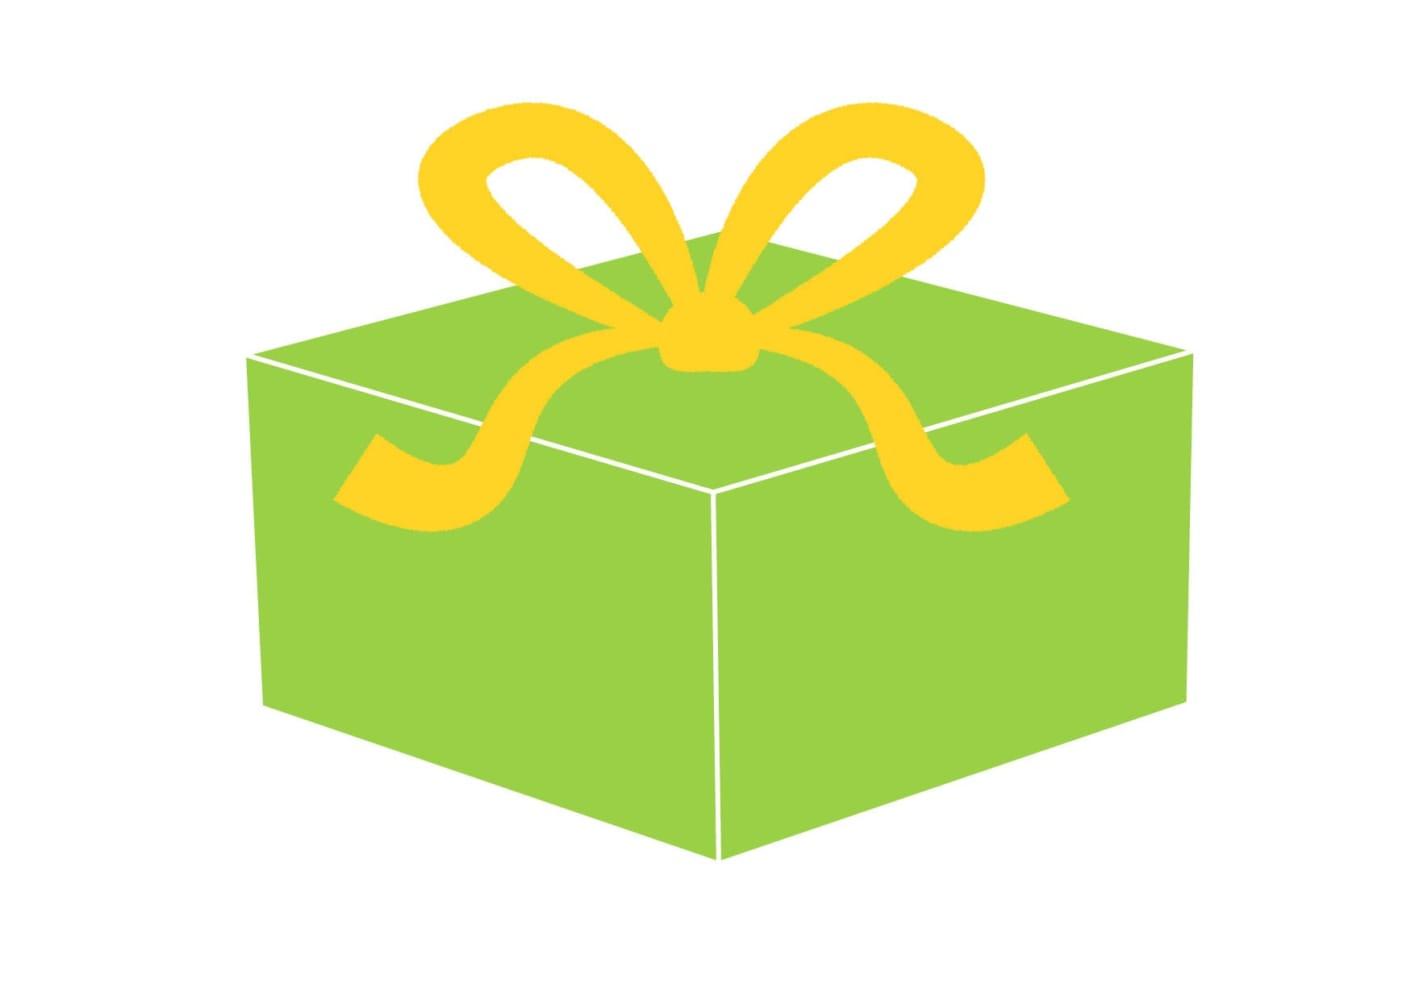 プレゼント 緑色 イラスト 無料